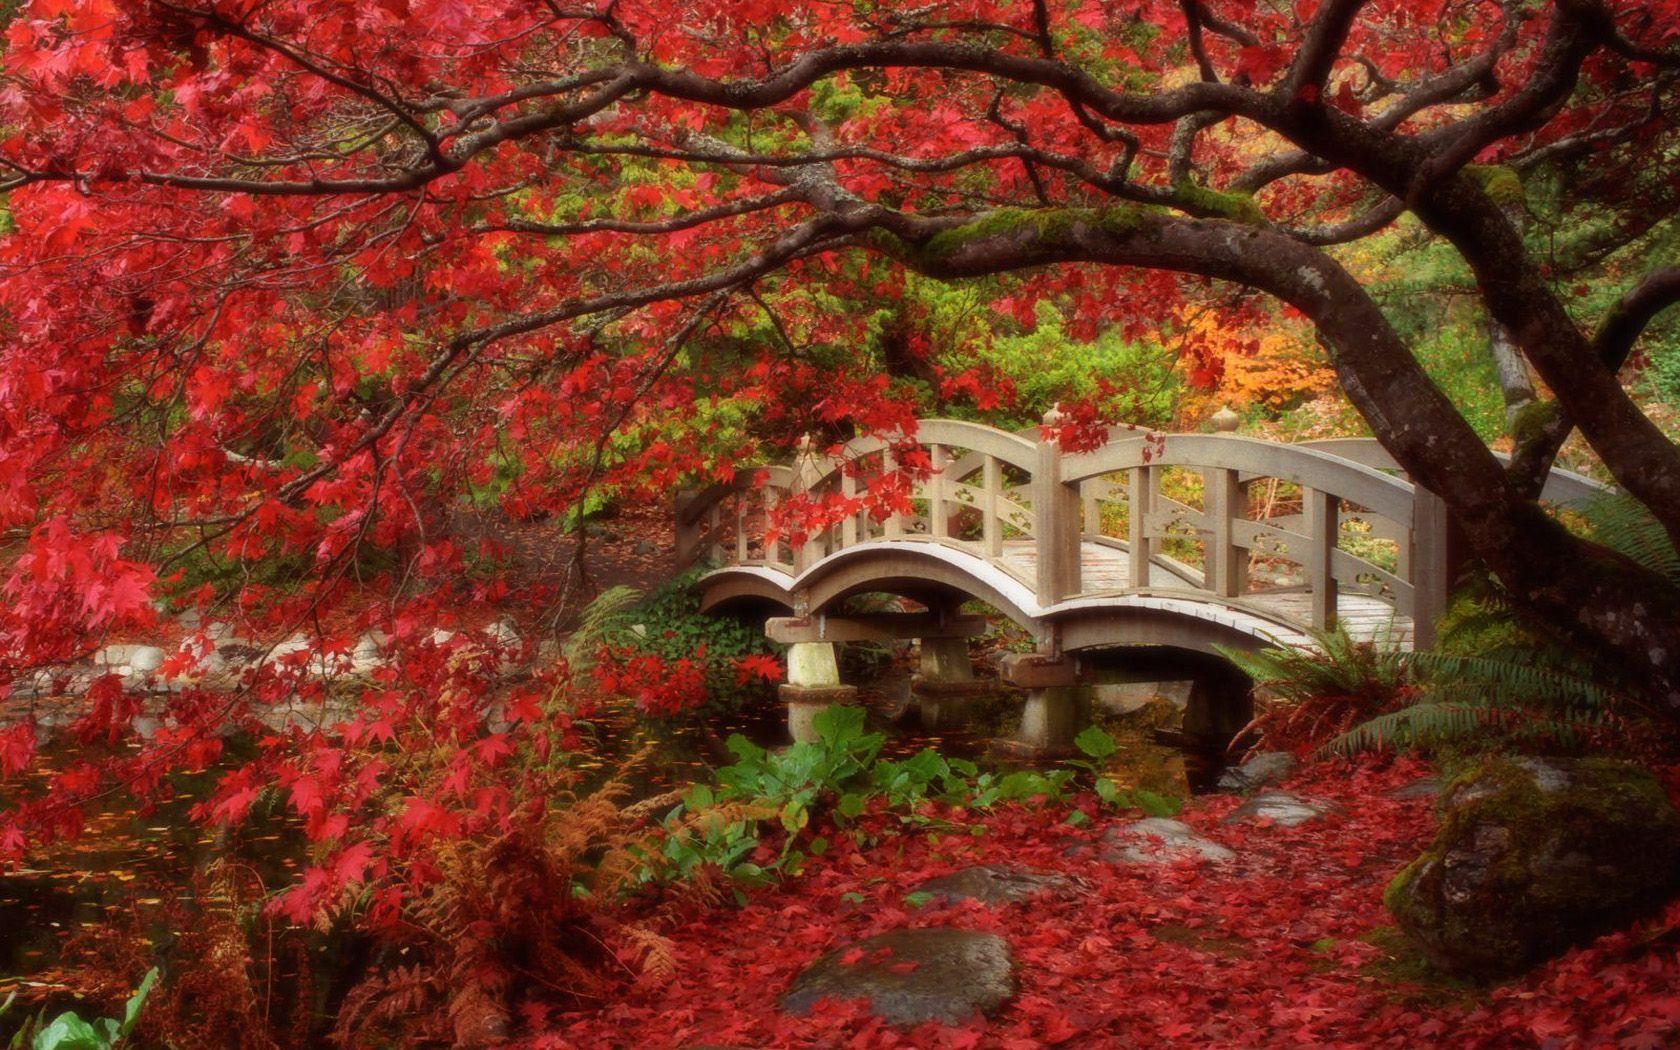 foto de Fond d'écran automne